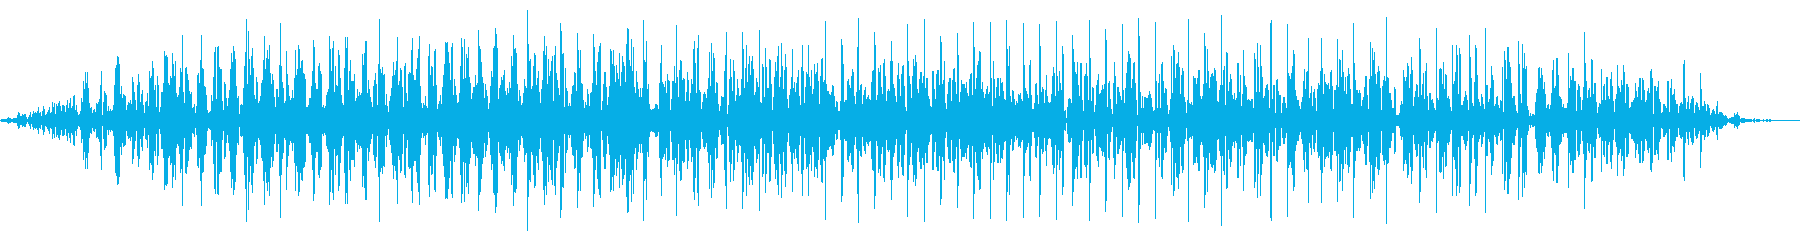 でこぼこワーブル3の再生済みの波形